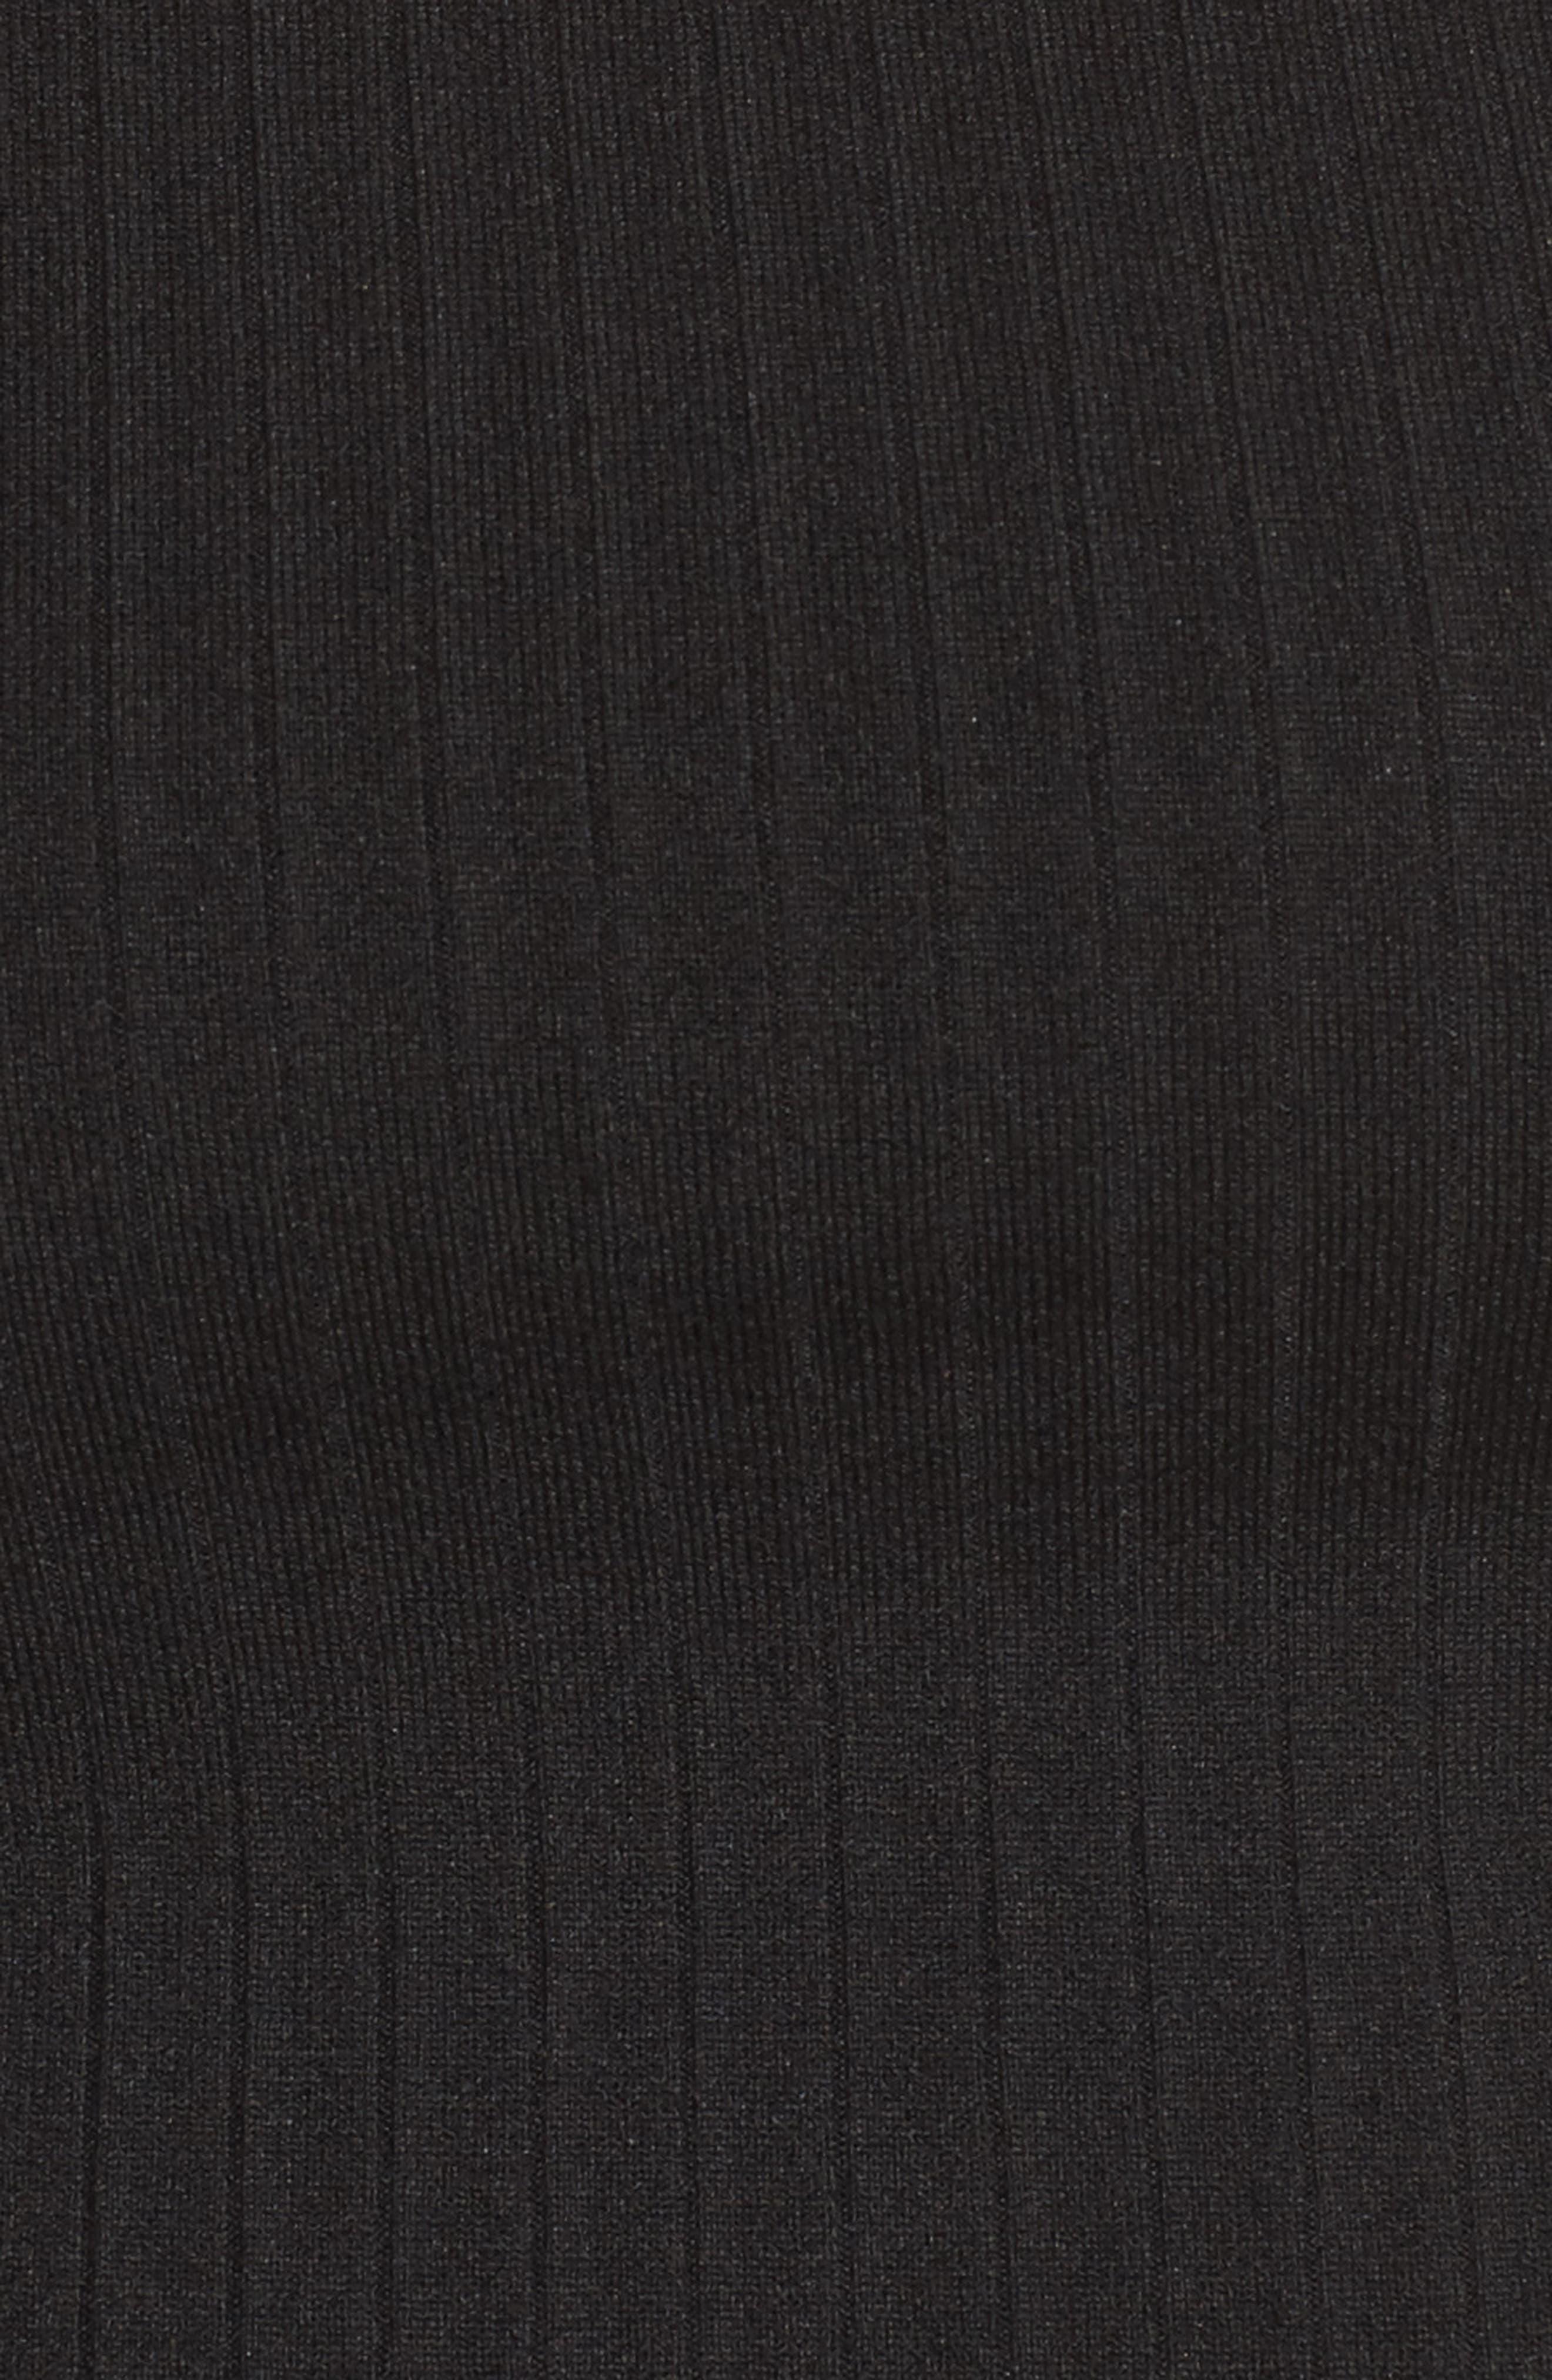 Benny Off the Shoulder Crop Top,                             Alternate thumbnail 6, color,                             Black